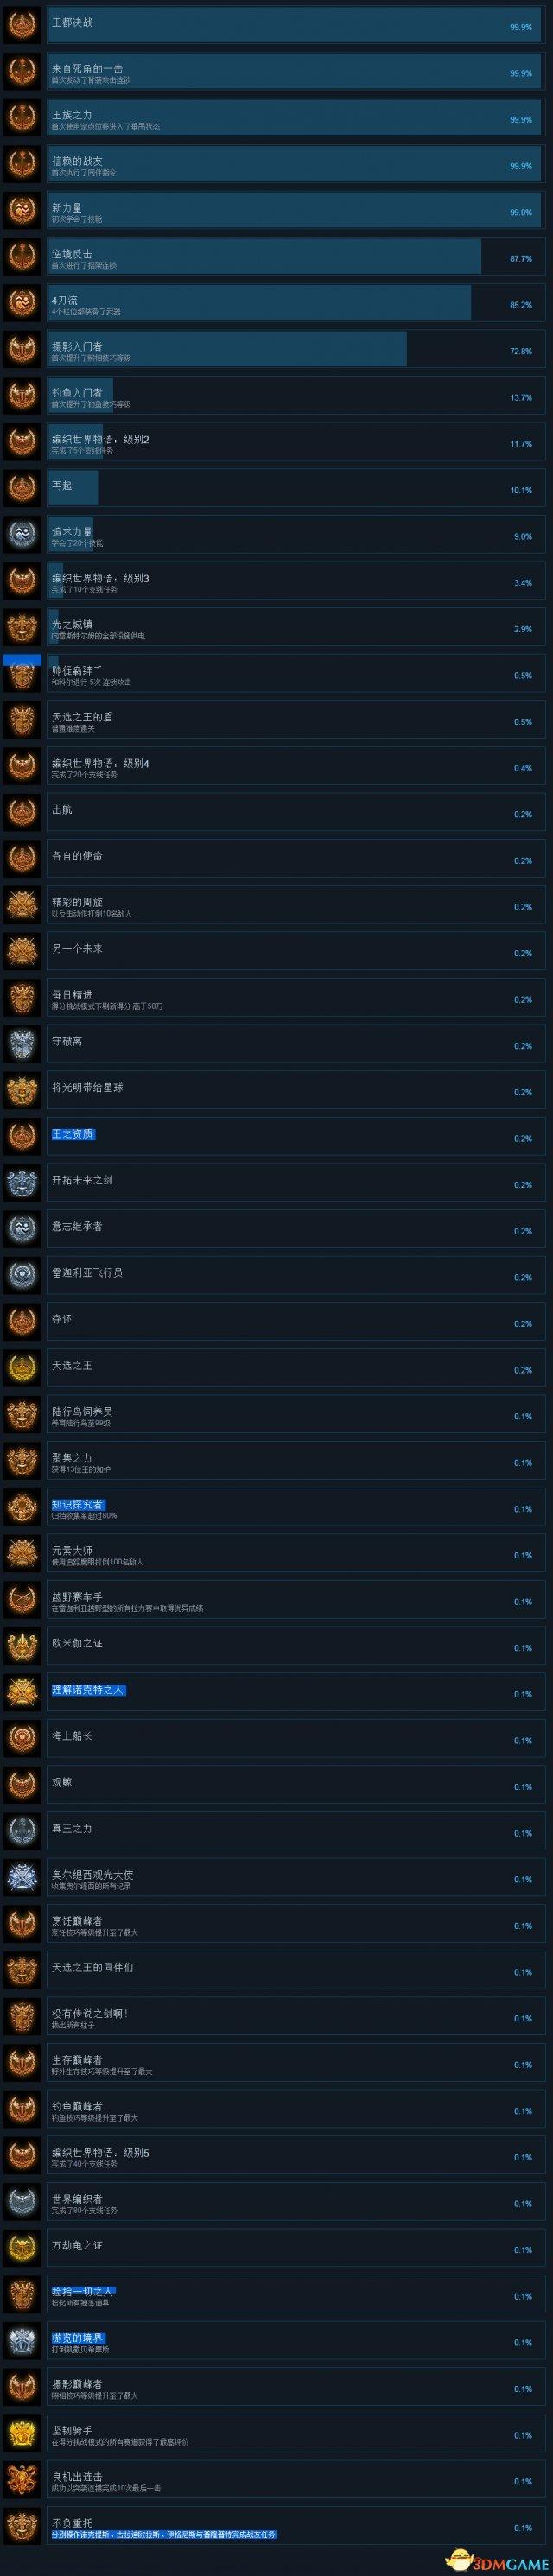 最终幻想15全奖杯一览最终幻想15全成就达成条件